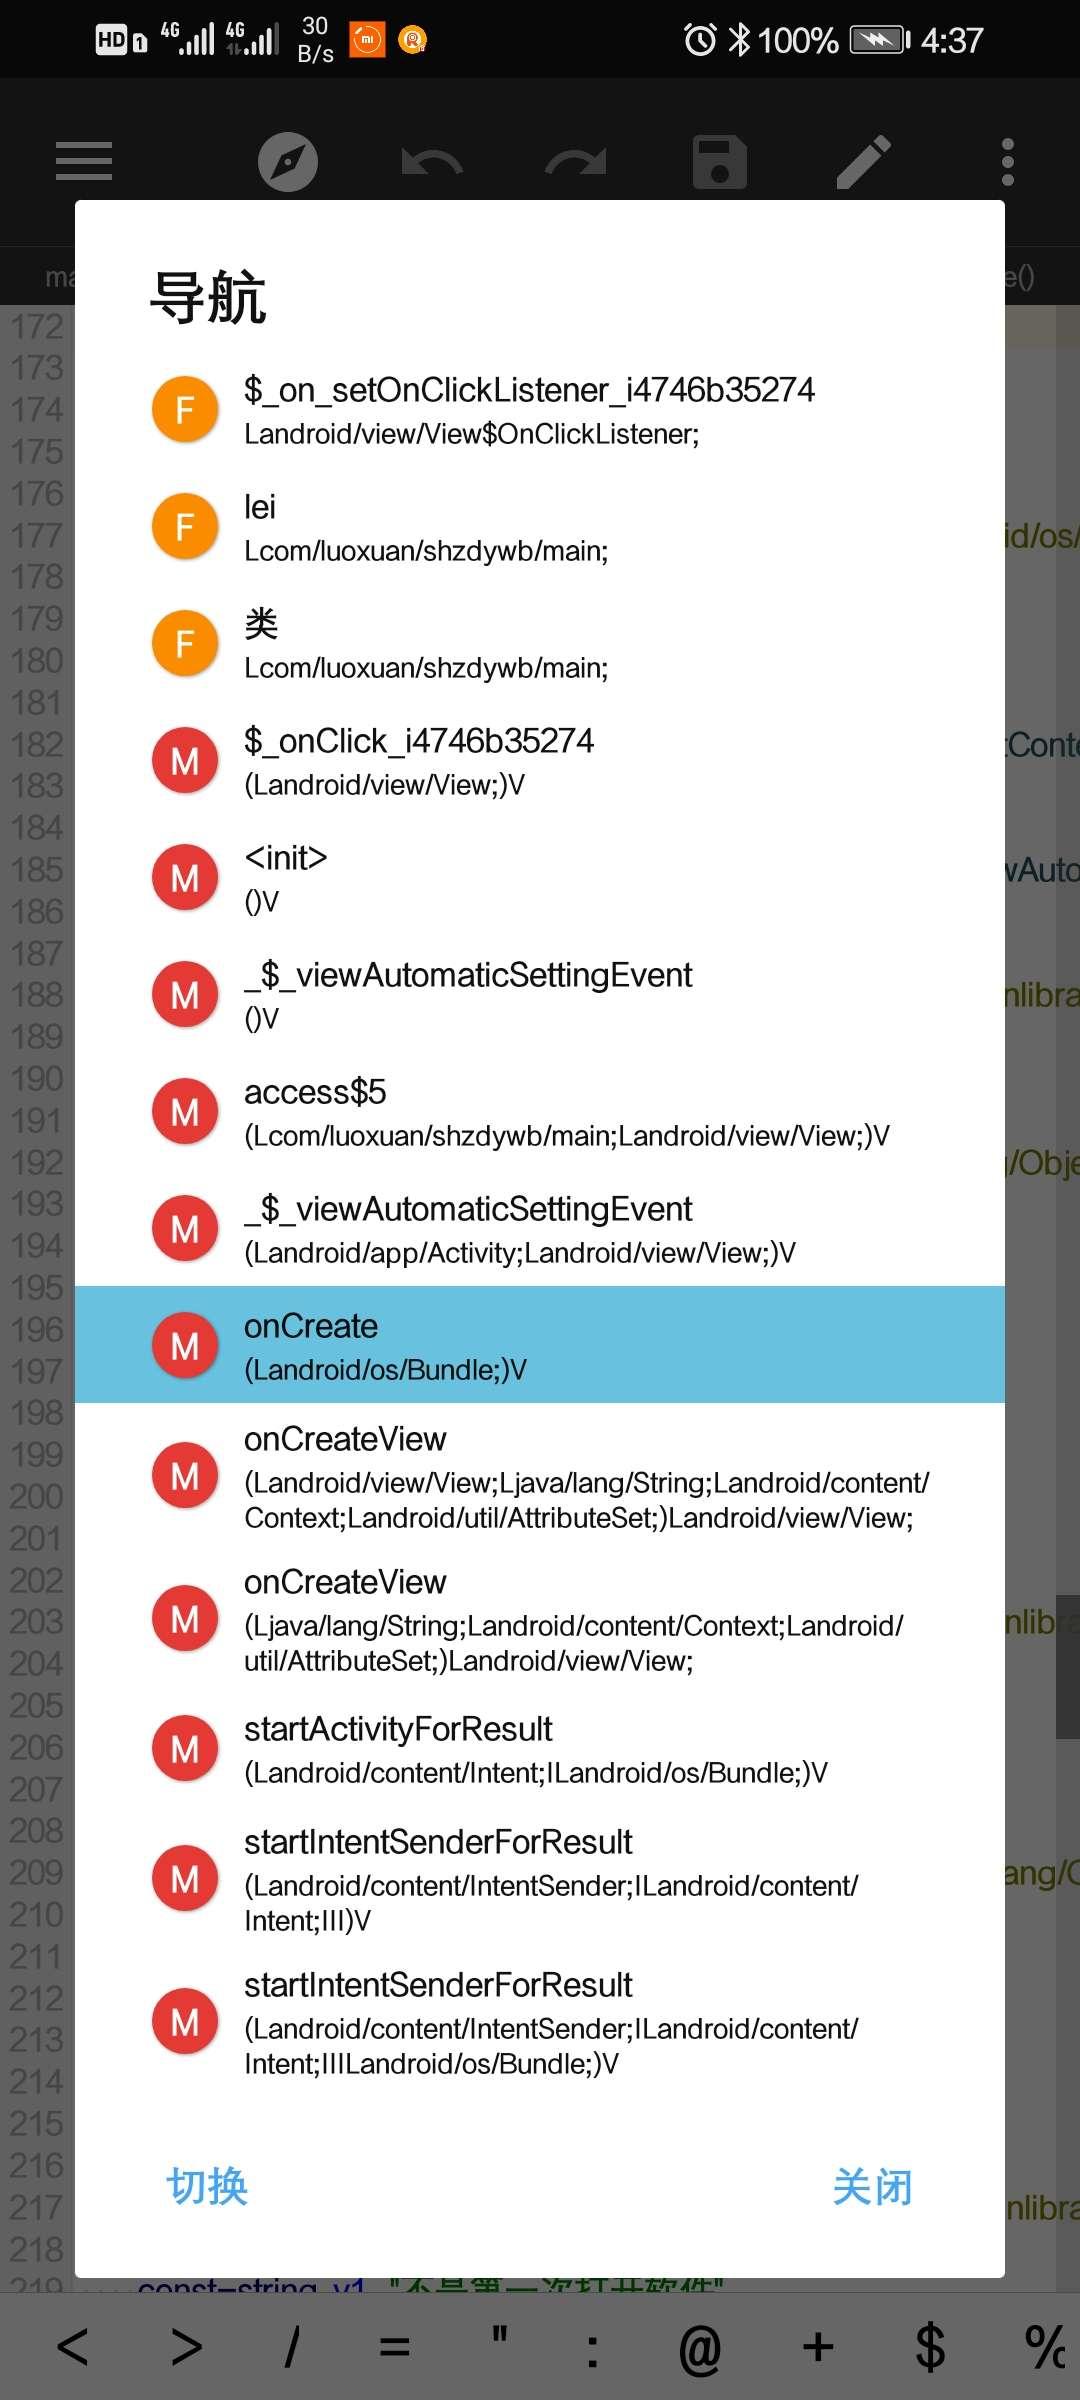 rBAAdmC8iv2AdQfkAAK9N48Edr8693.jpg插图(5)